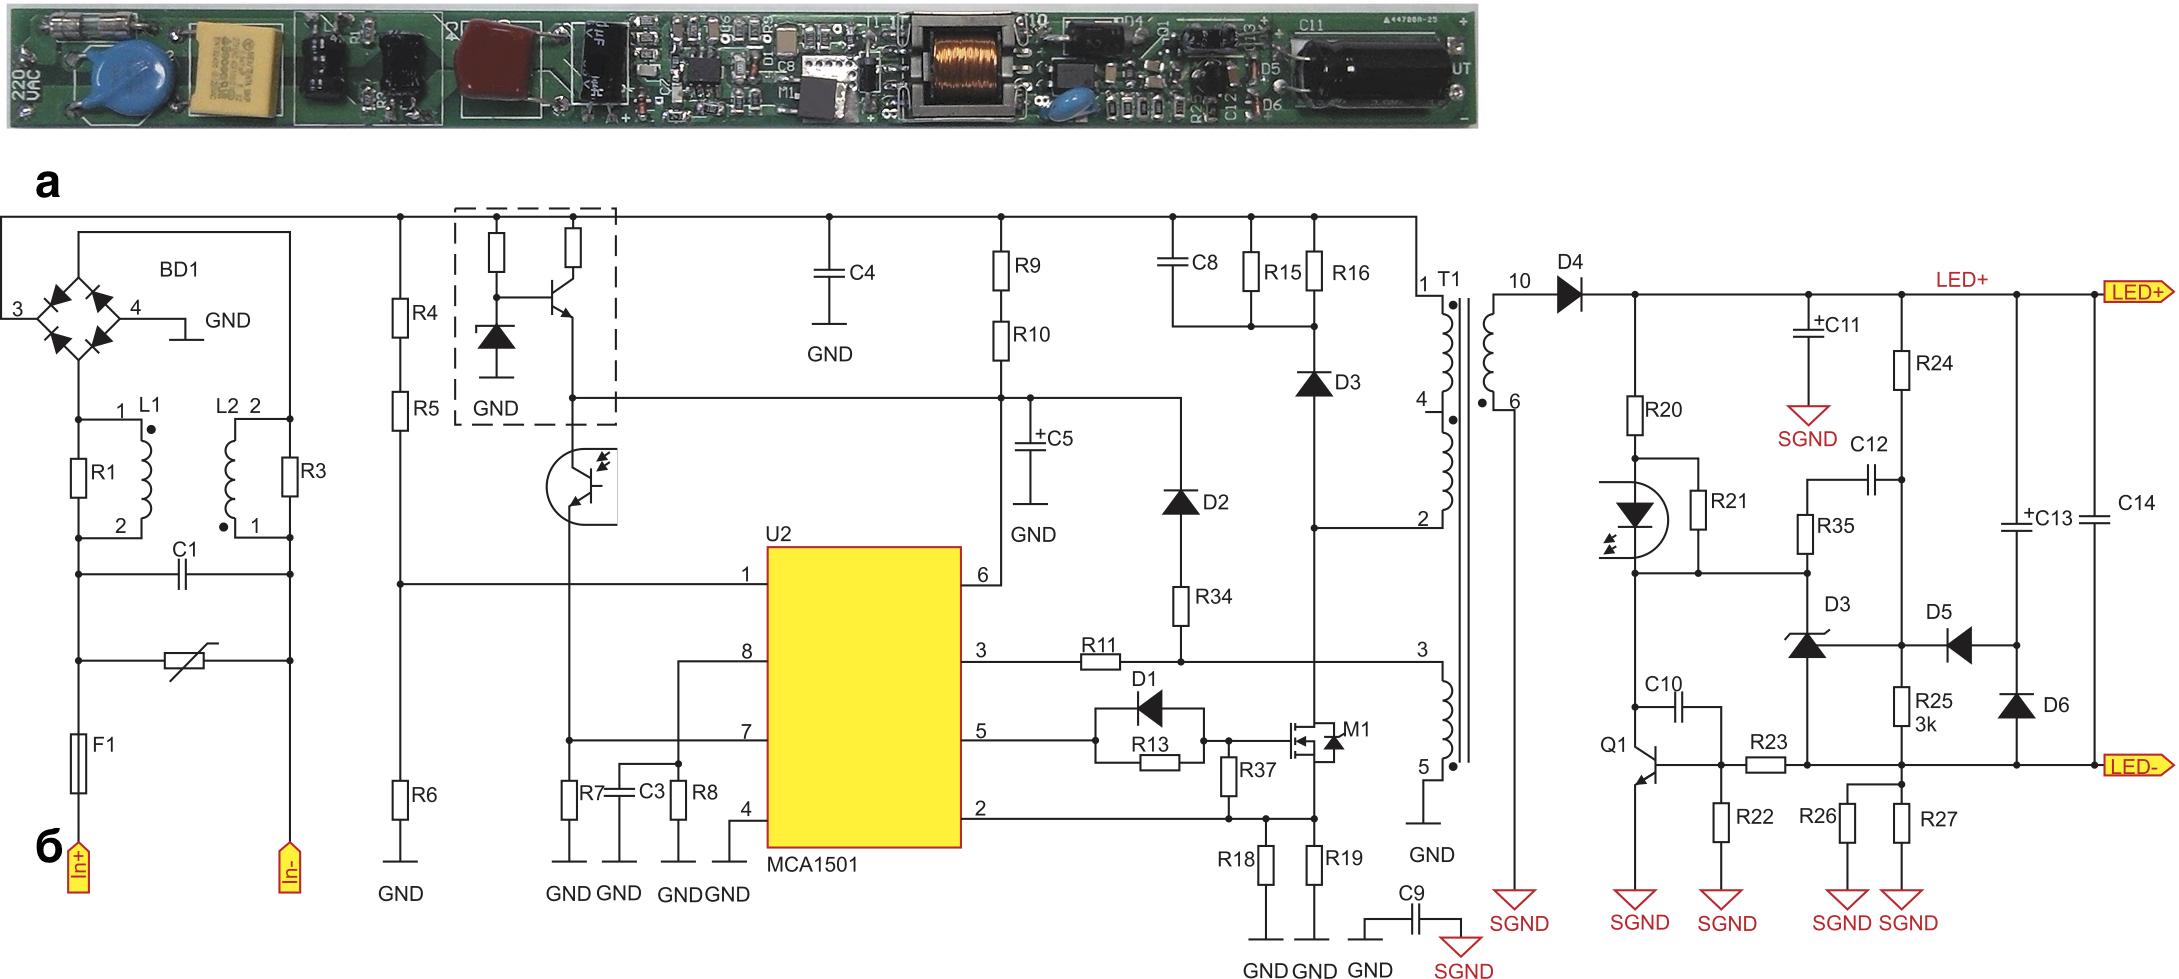 Внешний вид и электрическая схема изолированного flyback драйвера для 10-Вт ламп Т8 (пунктиром выделены дополнительные элементы для варианта с входным напряжением 90–255 В)